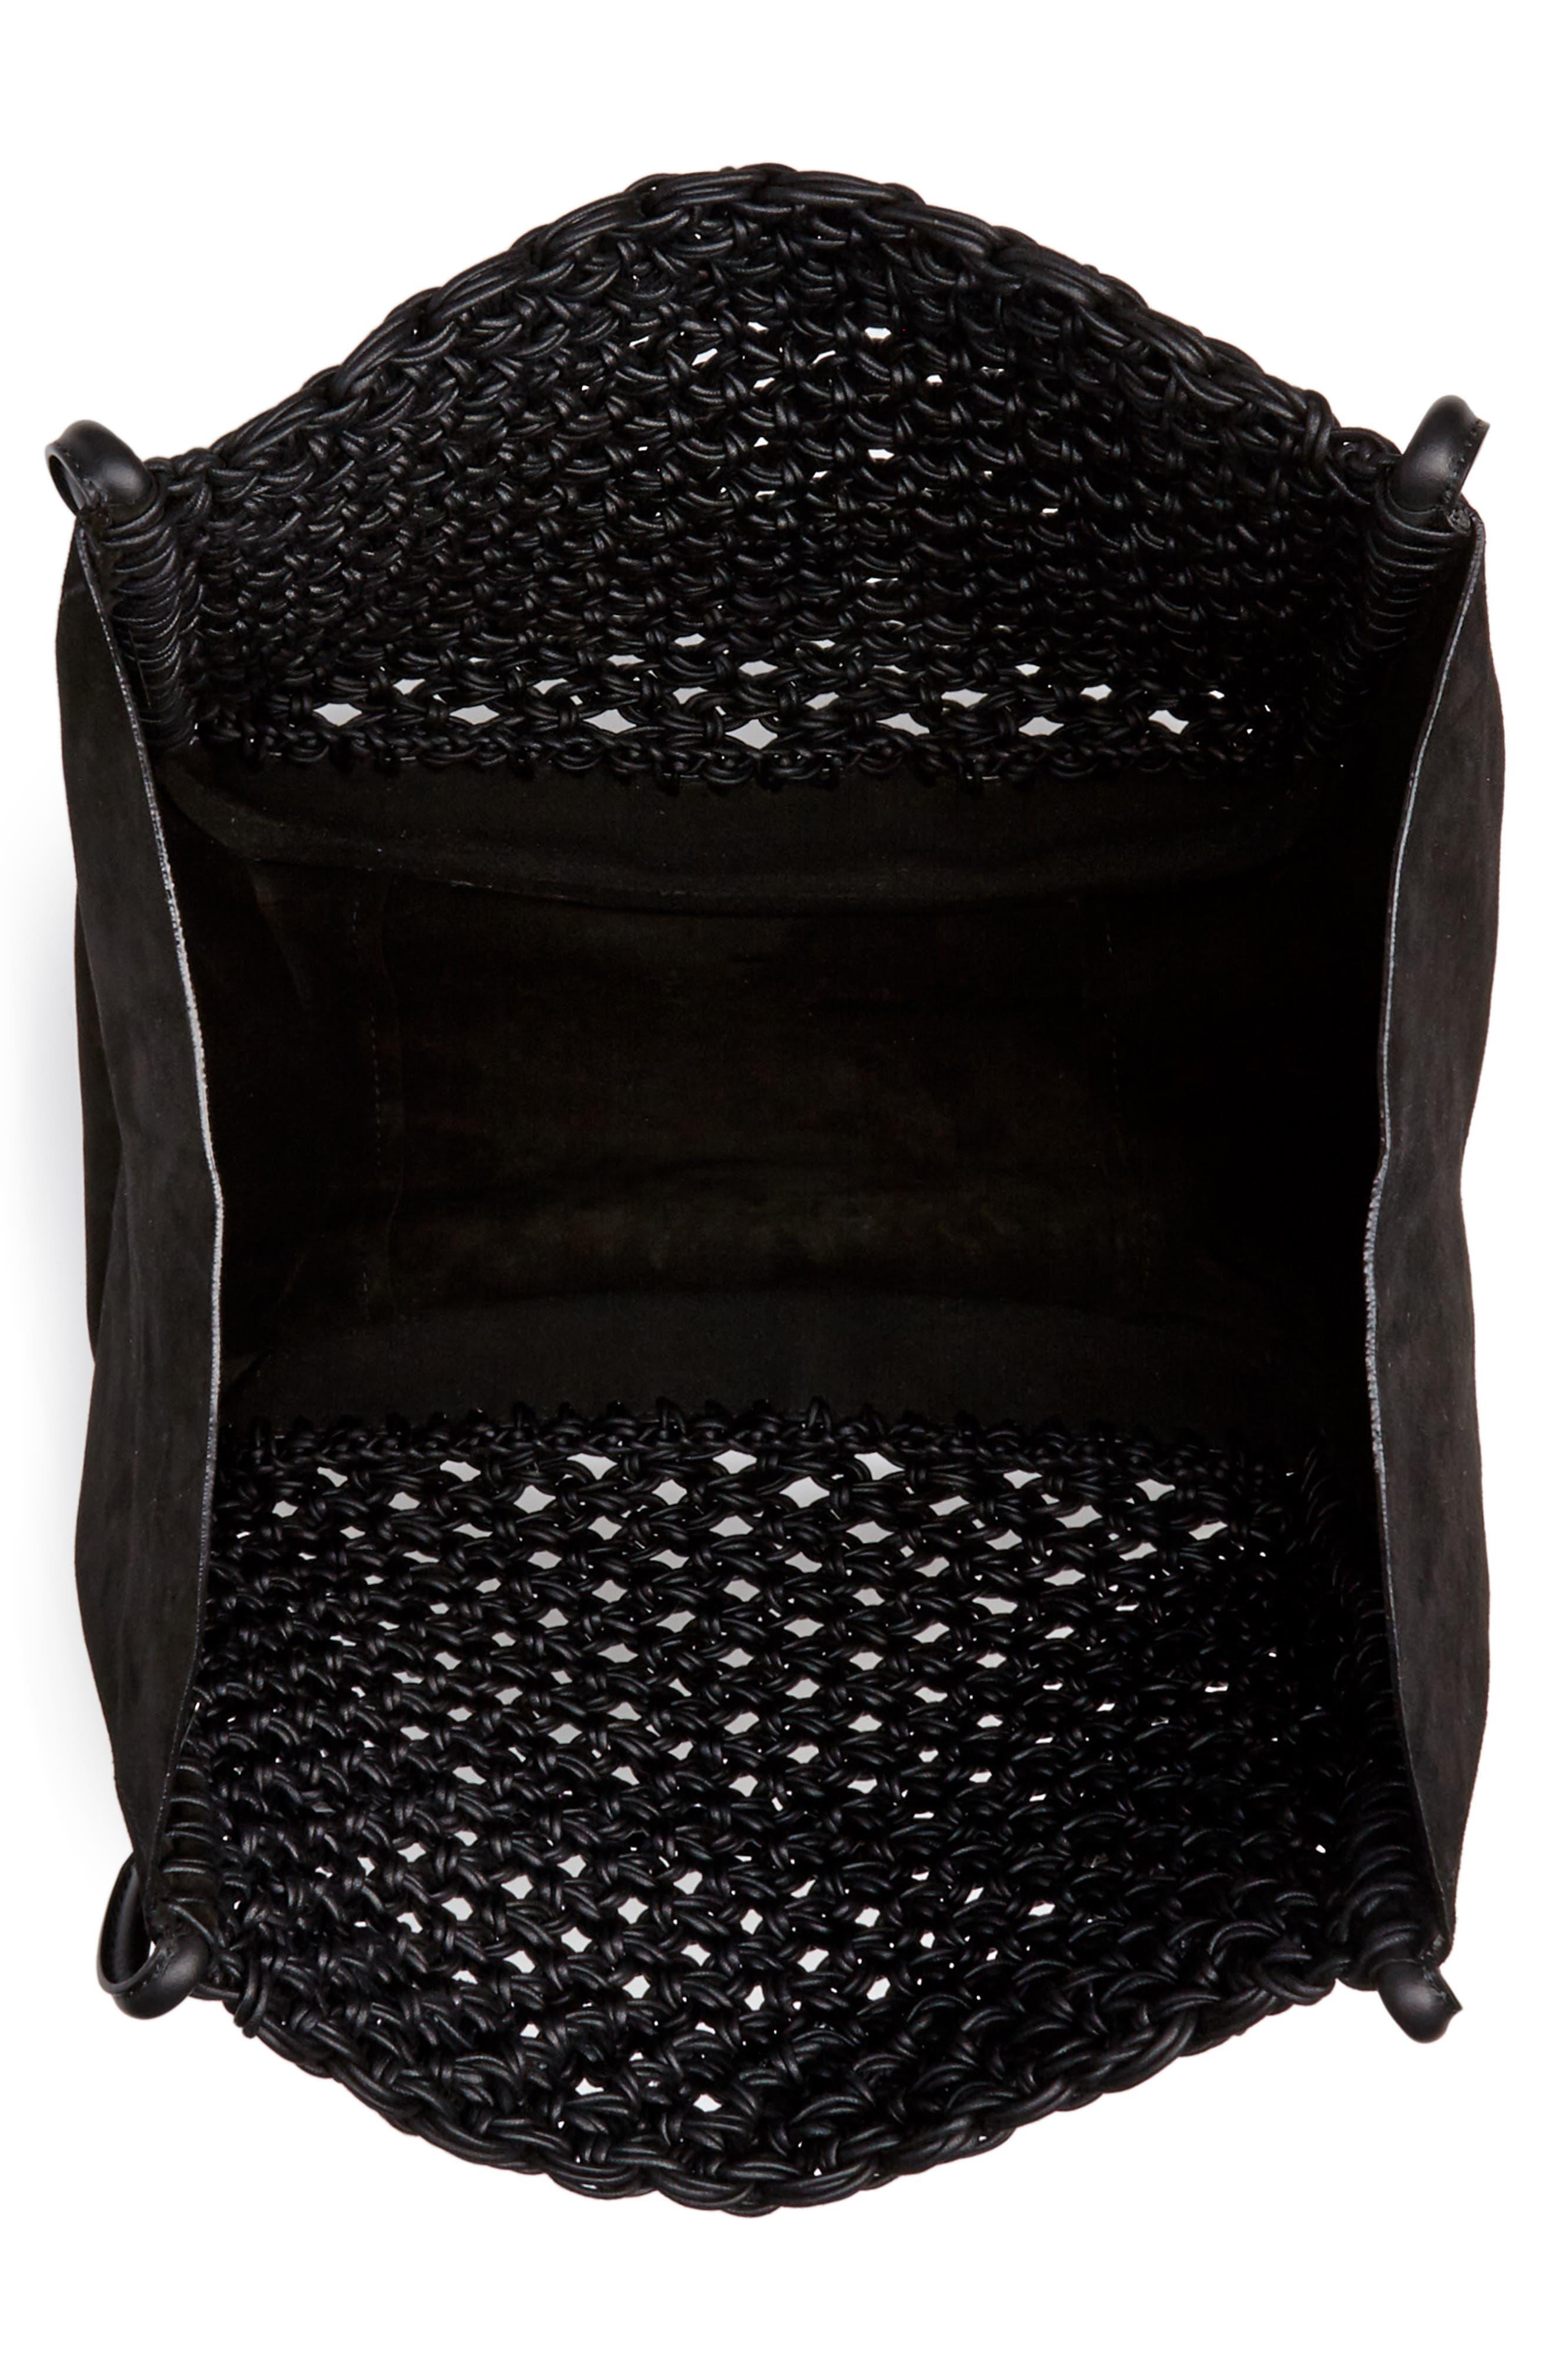 PROENZA SCHOULER, Large Macramé Tote, Alternate thumbnail 4, color, BLACK/ BLACK